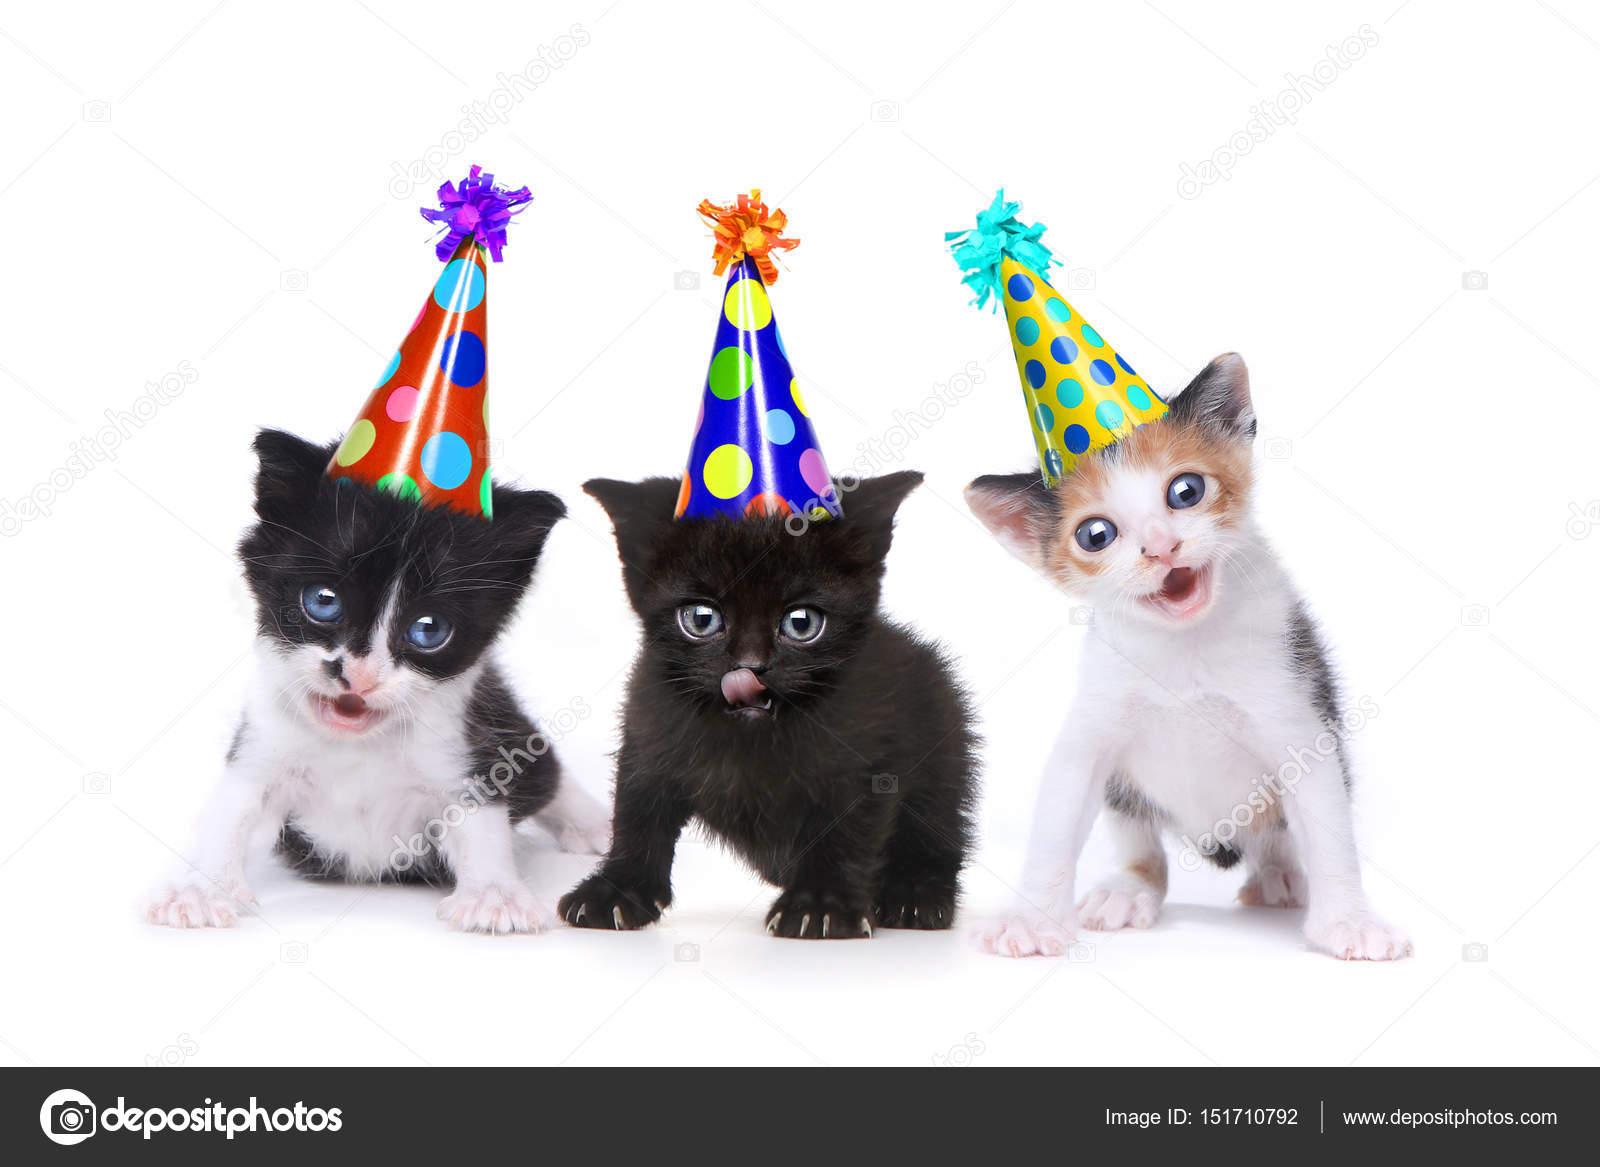 k narozeninám píseň narozeniny píseň zpívá koty na bílém pozadí — Stock Fotografie  k narozeninám píseň